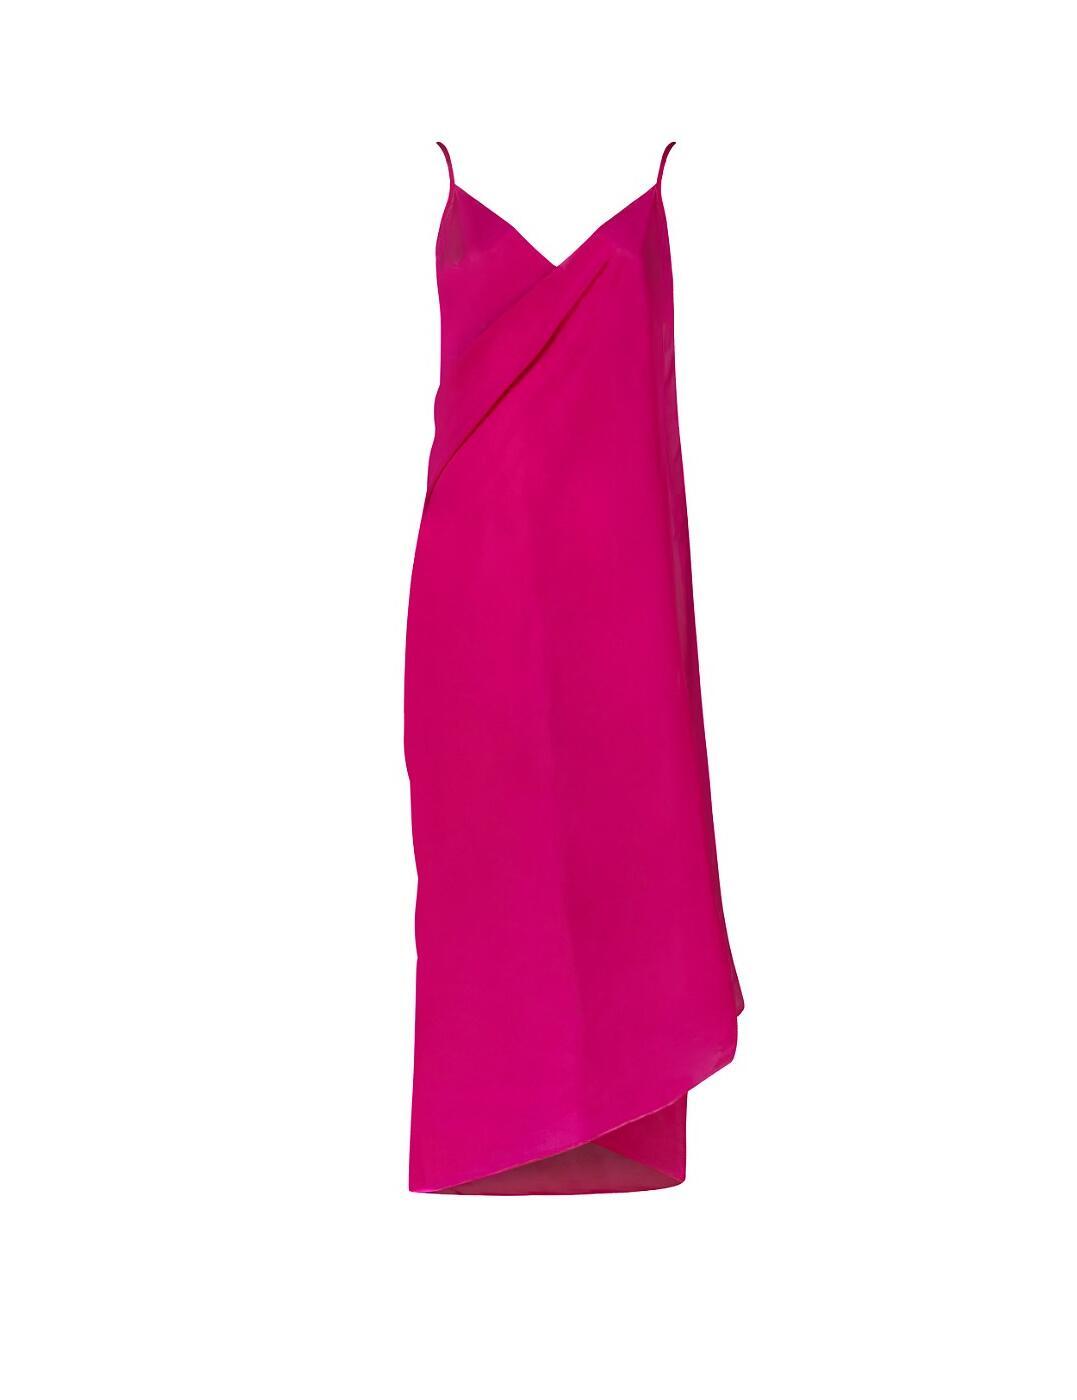 36-3262 SeaSpray Just Colour Plain Sarong Dress - 36-3262 Pink